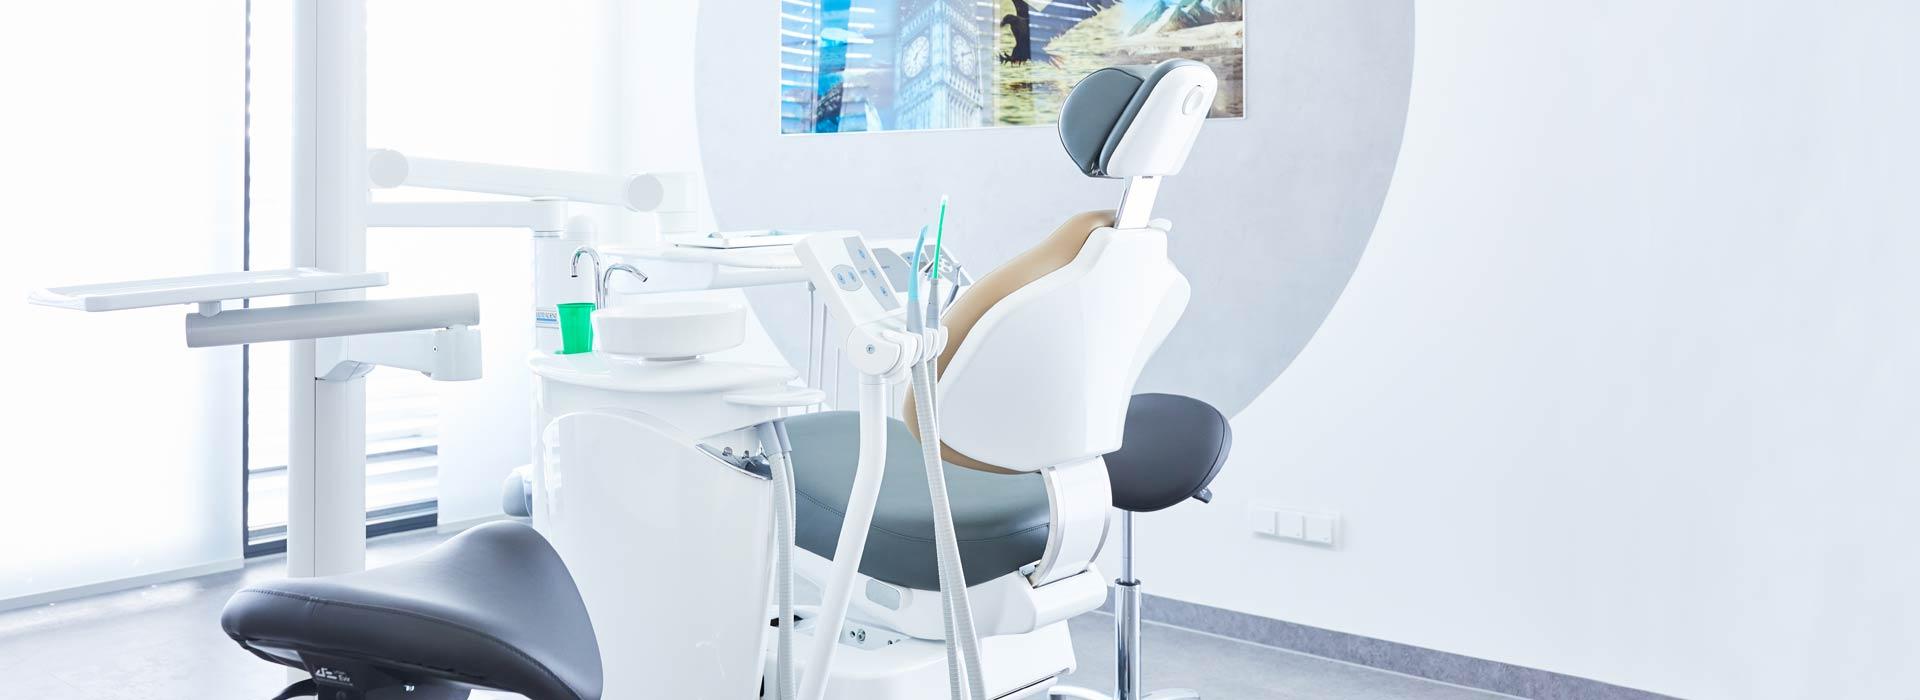 ZAHNWEISS – Praxis für moderne Zahnmedizin - Wurzelspitzenresektion als letzte Rettung 1